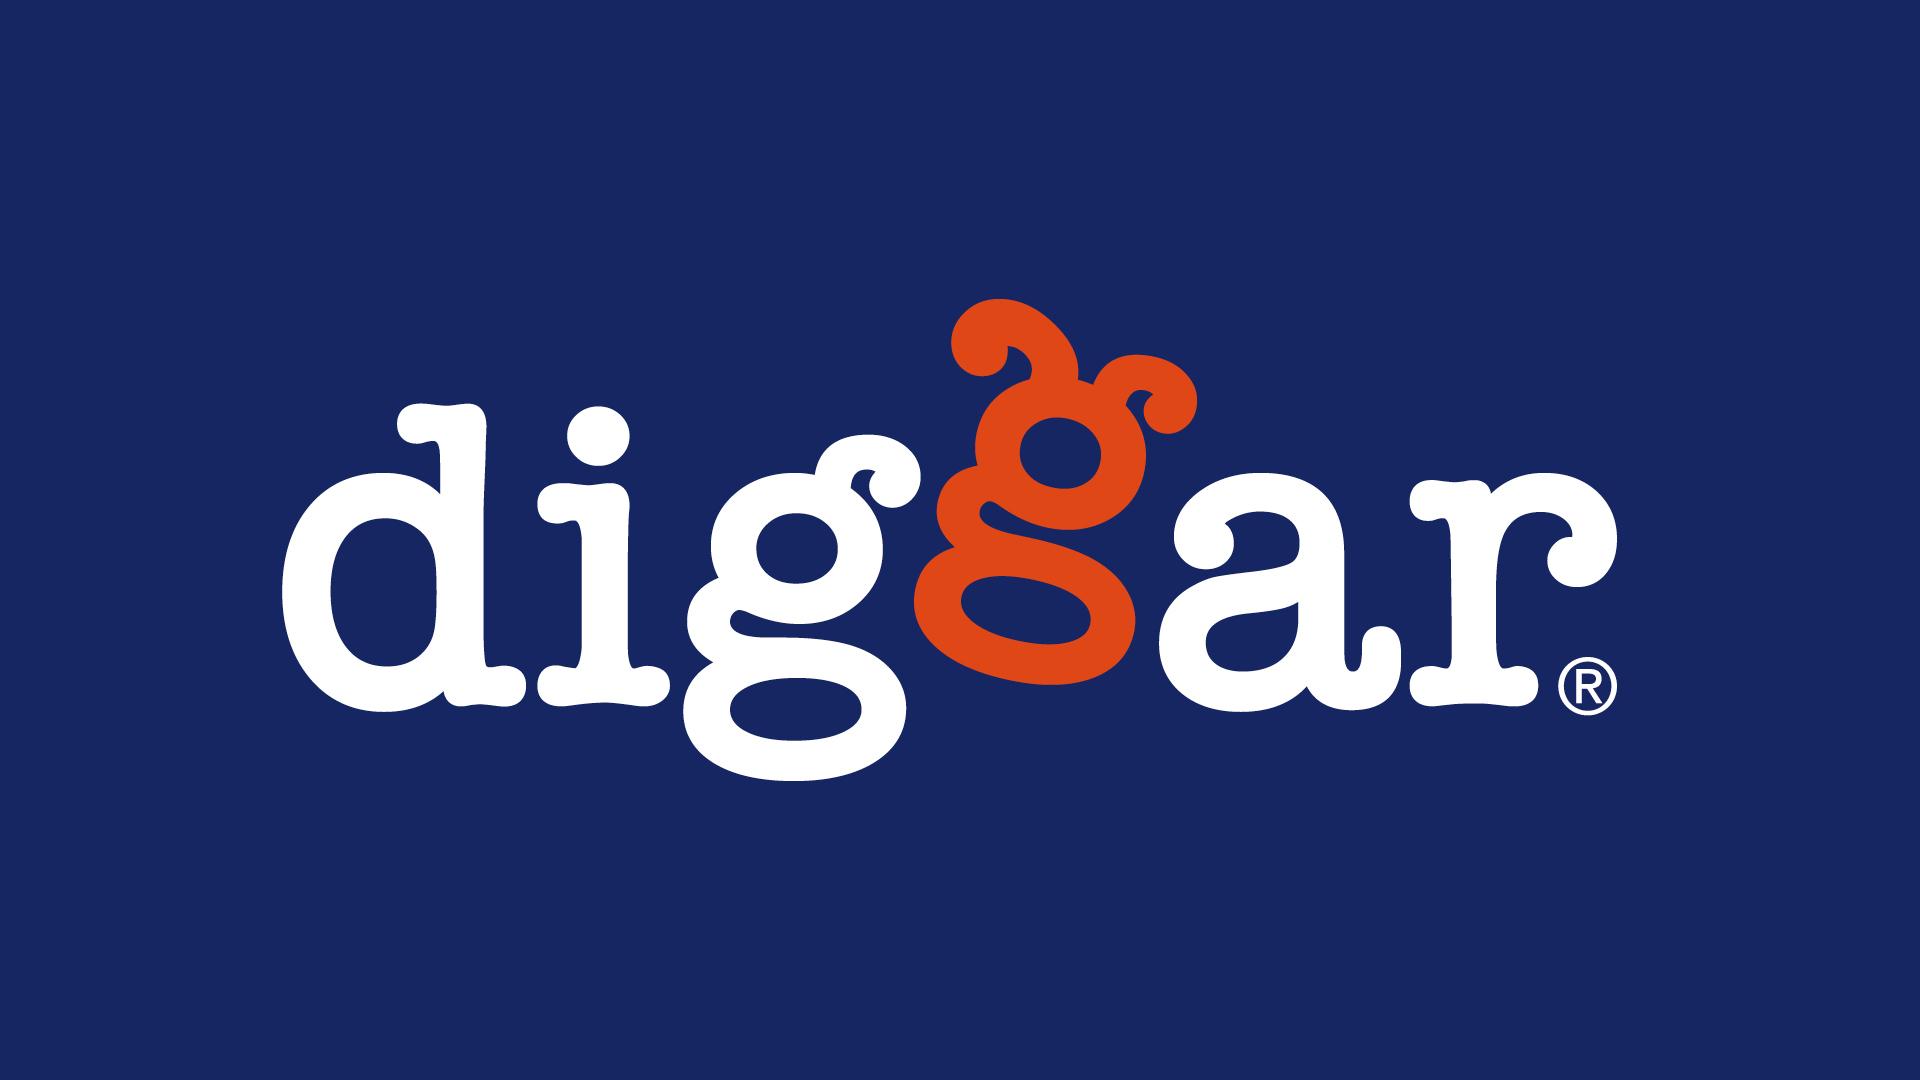 diggar logo 03 - Ein Logo mit Wau-Effekt – Corporate Design, Logoentwicklung, Grafikdesign, Kommunikationsdesign, Branding